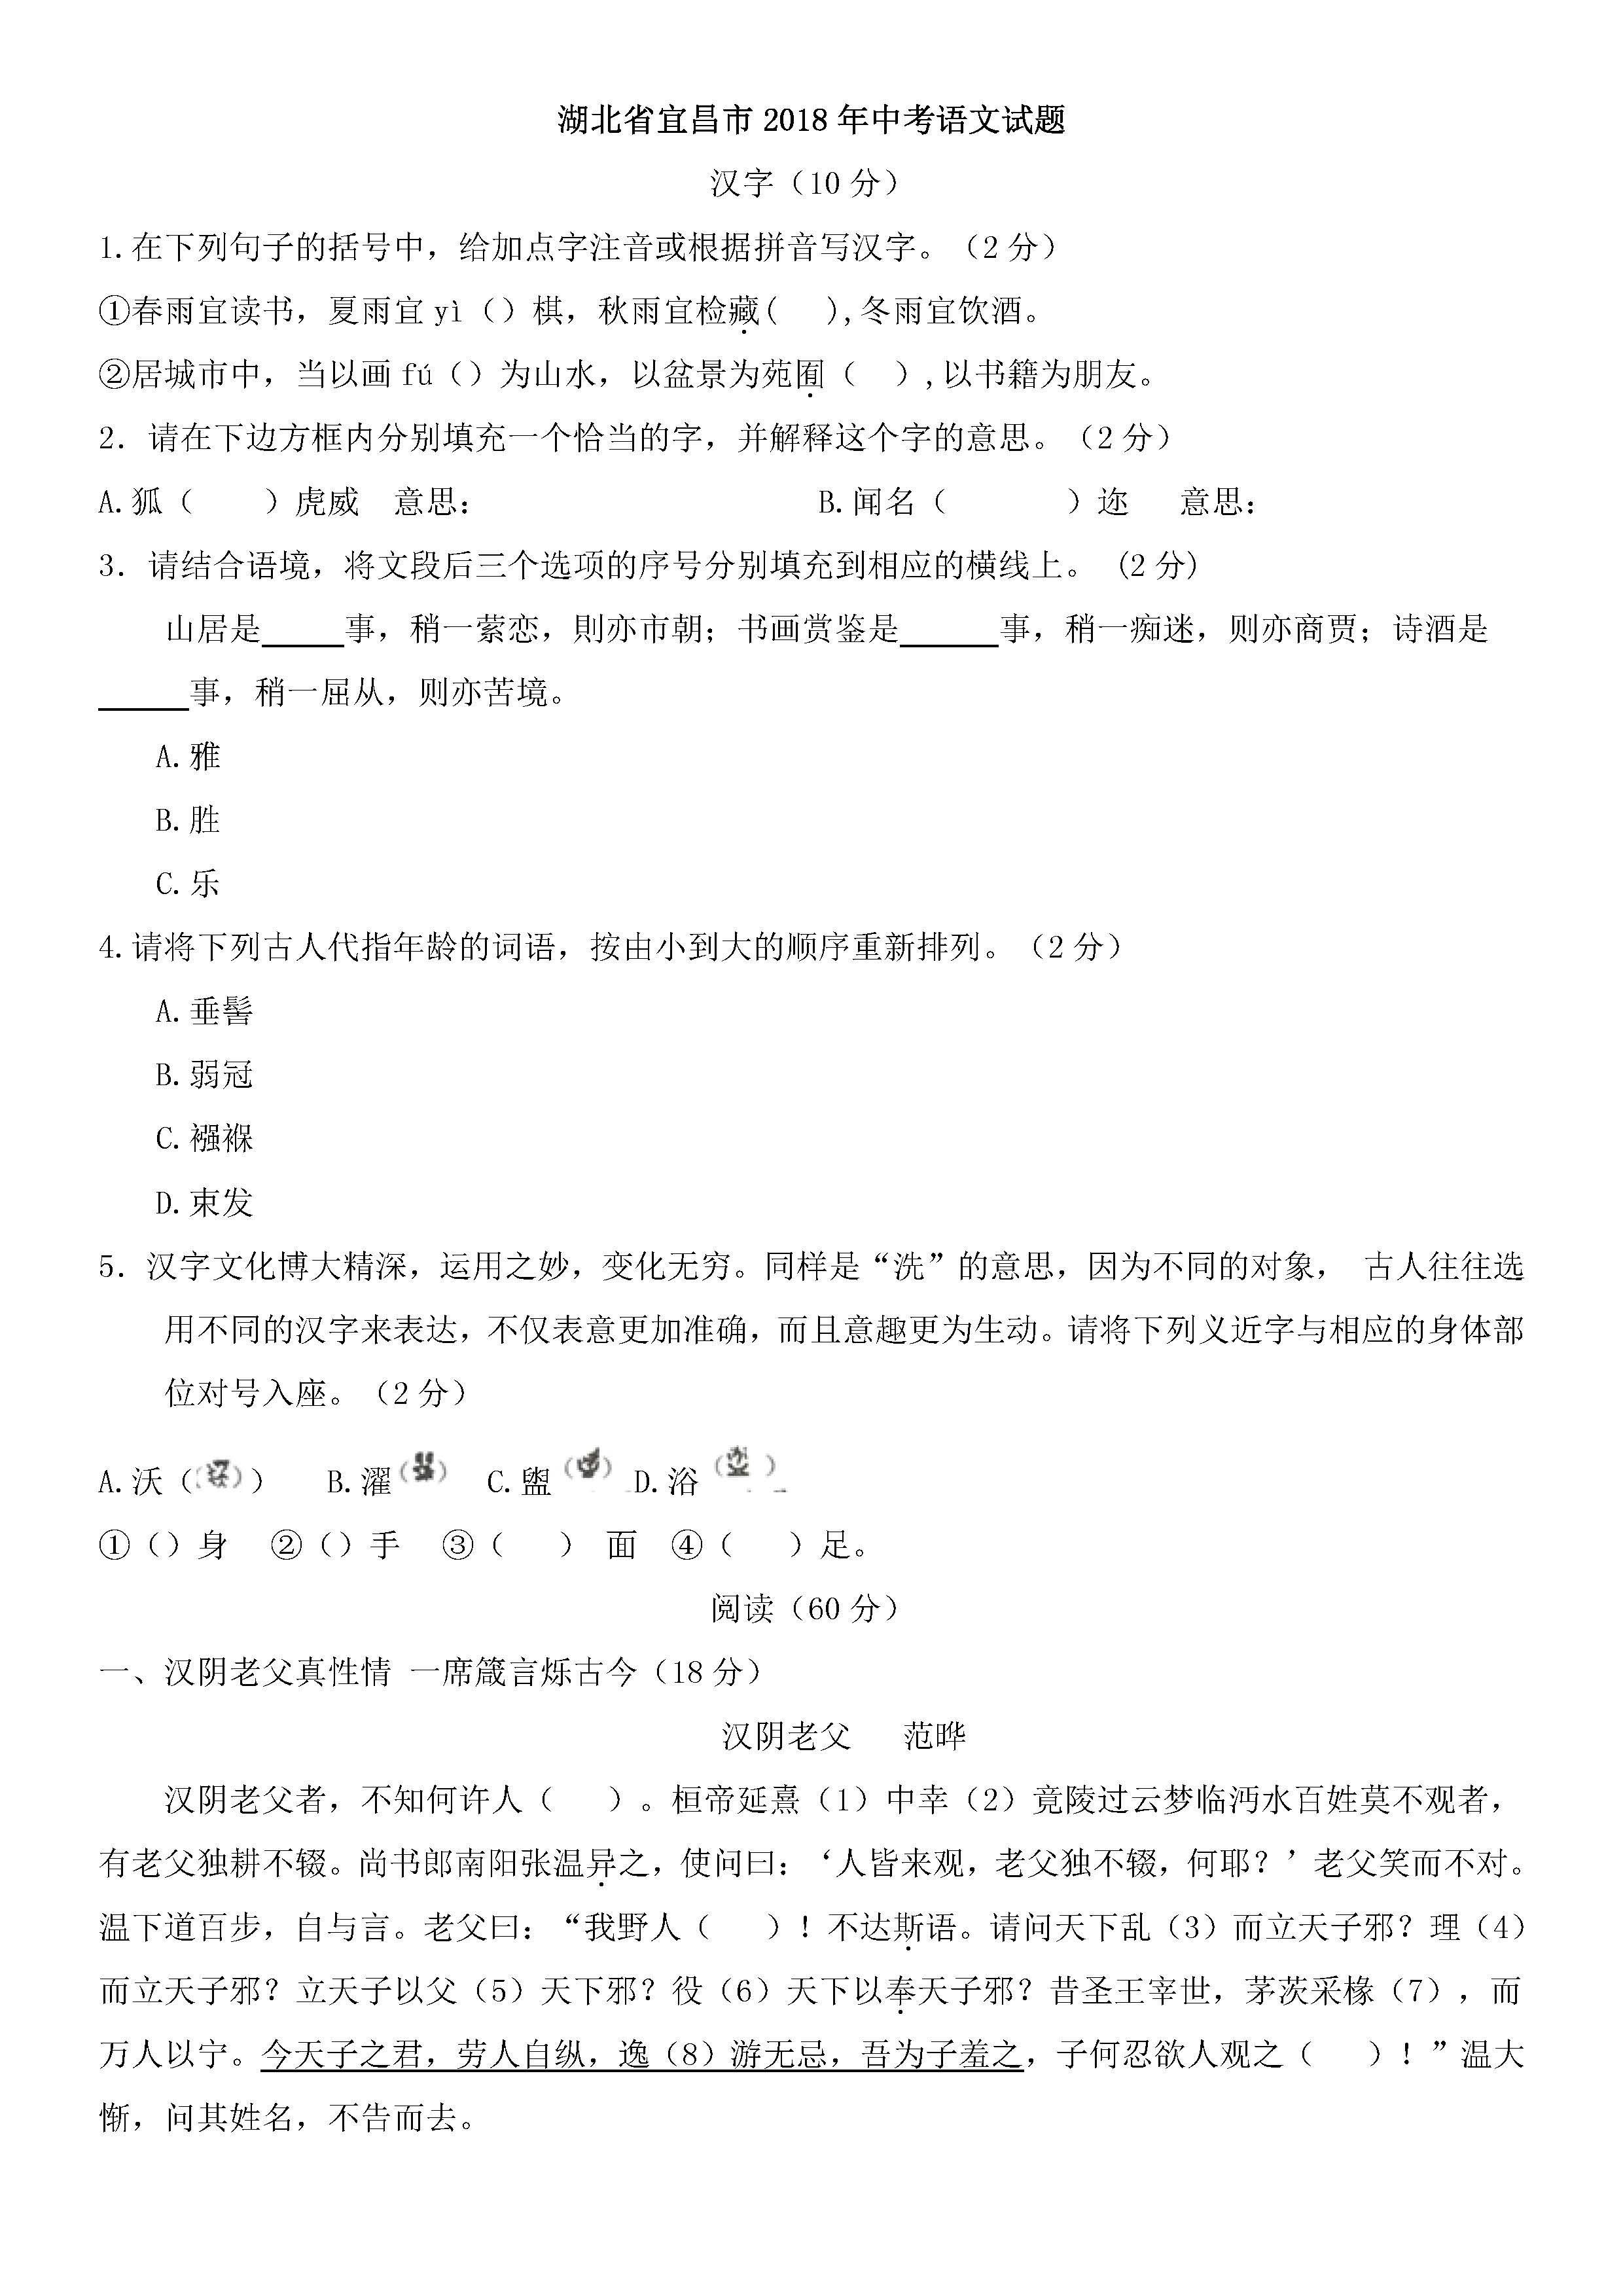 2018宜昌中考语文试题及答案解析(图片版含答案)